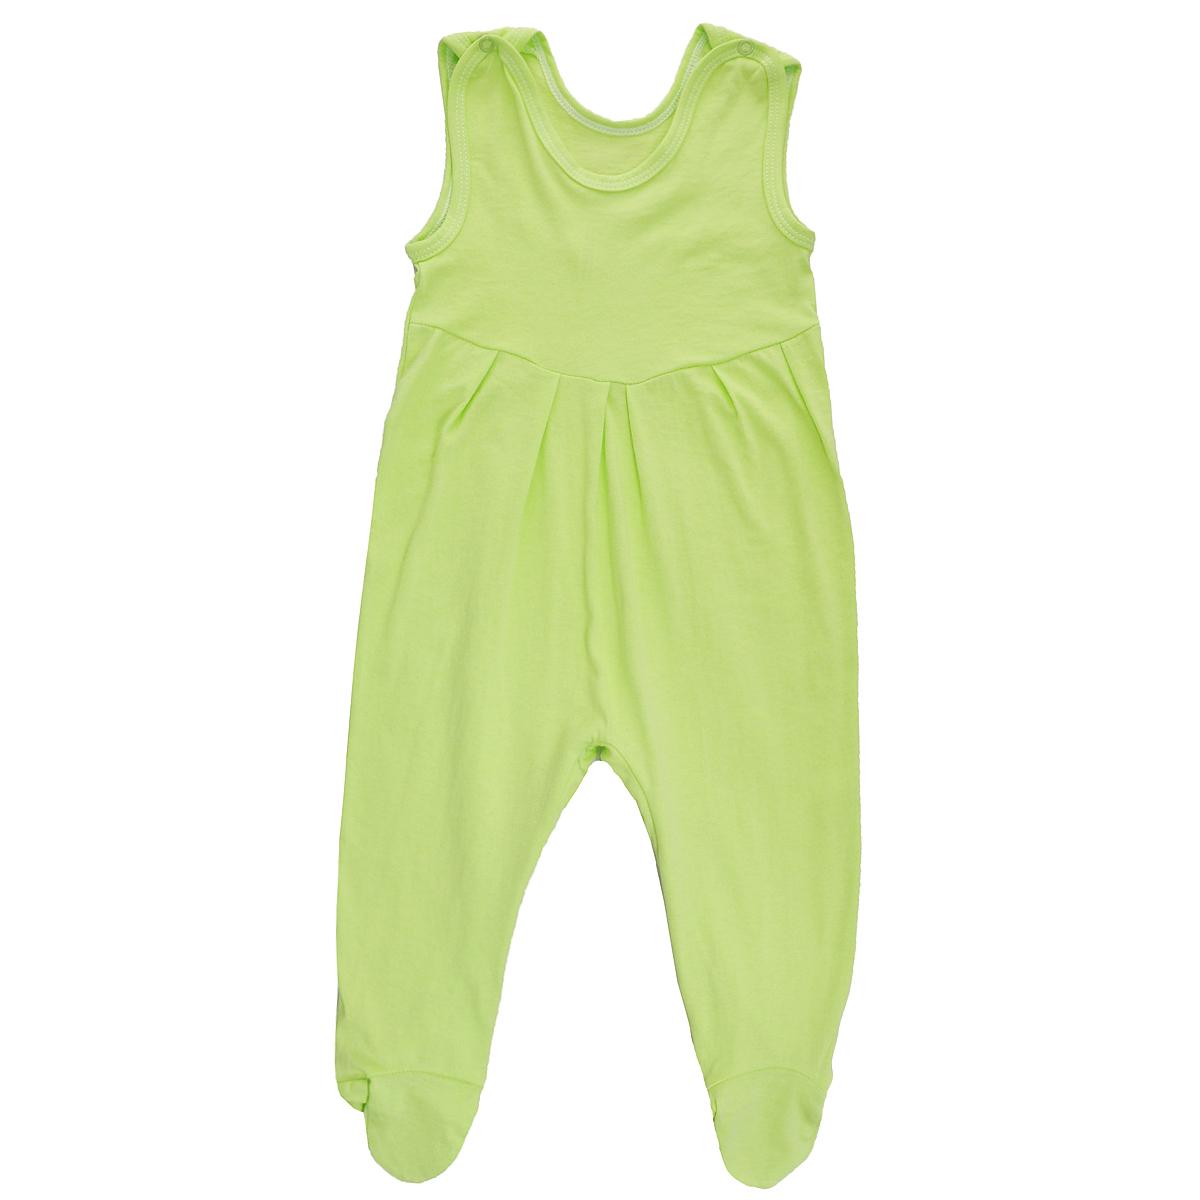 Ползунки с грудкой. 52375237Ползунки с грудкой Трон-плюс - очень удобный и практичный вид одежды для малышей. Они отлично сочетаются с футболками и кофточками. Ползунки выполнены из кулирного полотна - натурального хлопка, благодаря чему они необычайно мягкие и приятные на ощупь, не раздражают нежную кожу ребенка и хорошо вентилируются, а эластичные швы приятны телу младенца и не препятствуют его движениям. Ползунки с закрытыми ножками, застегивающиеся сверху на кнопки, идеально подойдут вашему ребенку, обеспечивая ему наибольший комфорт, подходят для ношения с подгузником и без него. Кнопки на ластовице помогают легко и без труда поменять подгузник в течение дня. От линии груди заложены складочки, придающие изделию оригинальность. Ползунки с грудкой полностью соответствуют особенностям жизни младенца в ранний период, не стесняя и не ограничивая его в движениях!